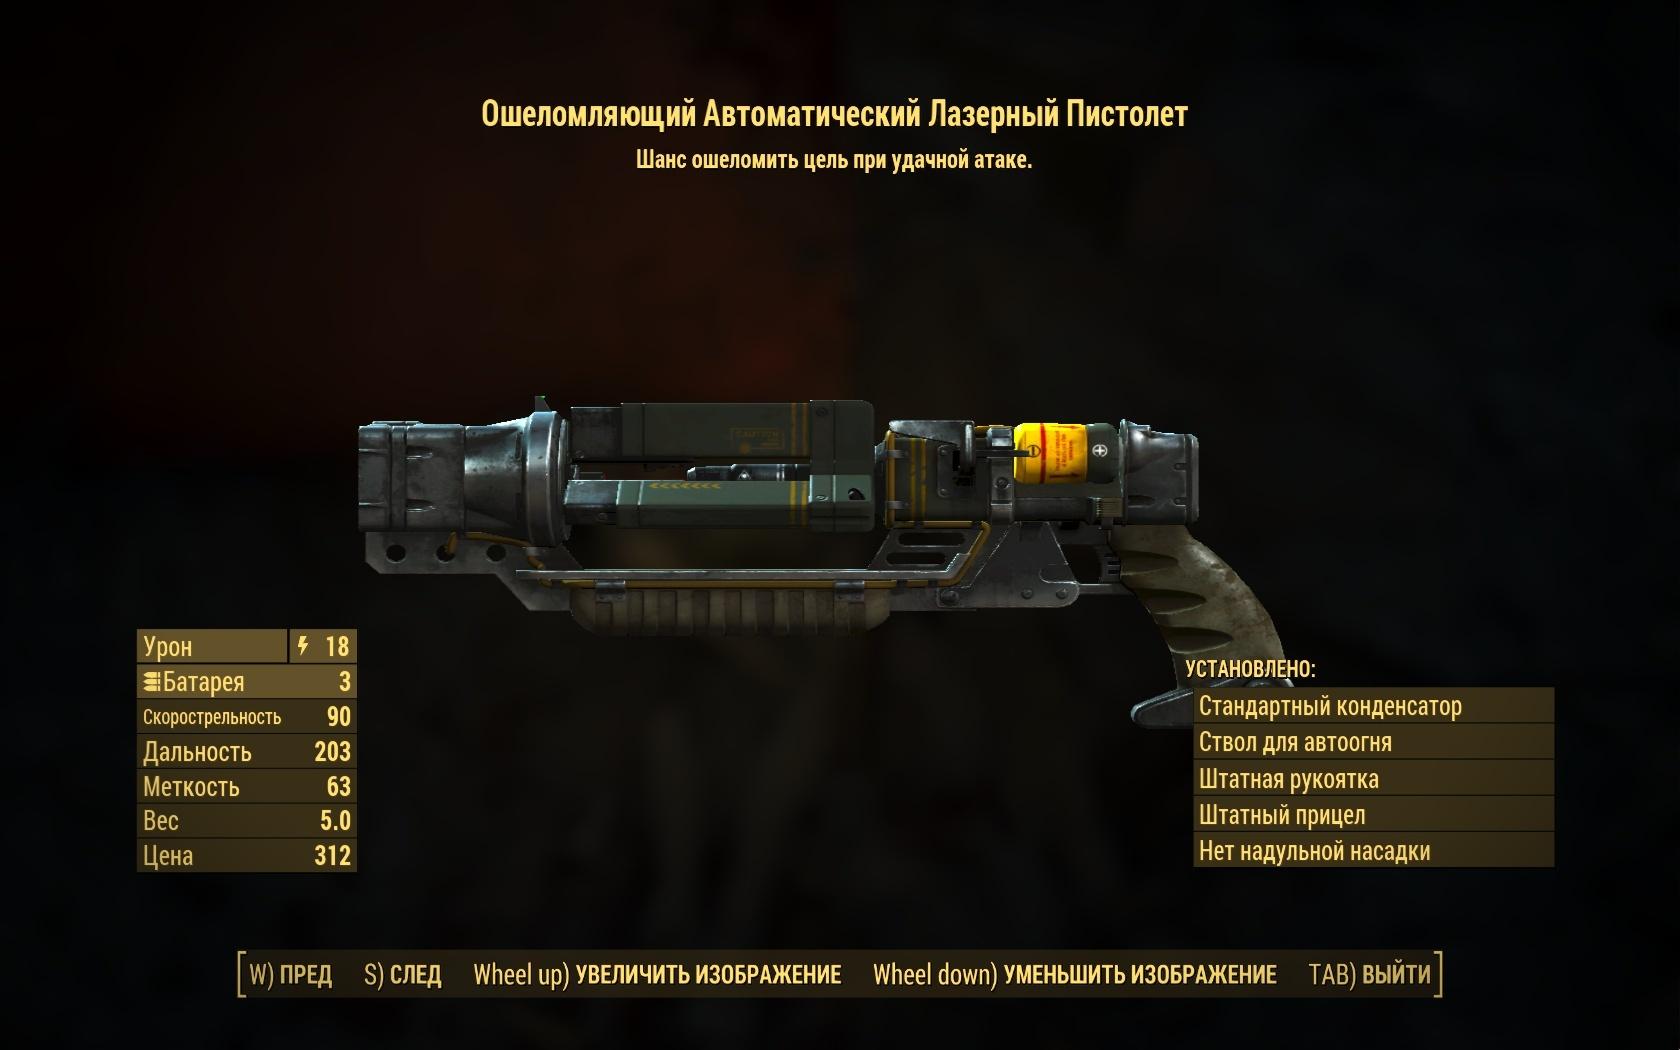 Ошеломляющий автоматический лазерный пистолет - Fallout 4 автоматический, лазерный, Оружие, Ошеломляющий